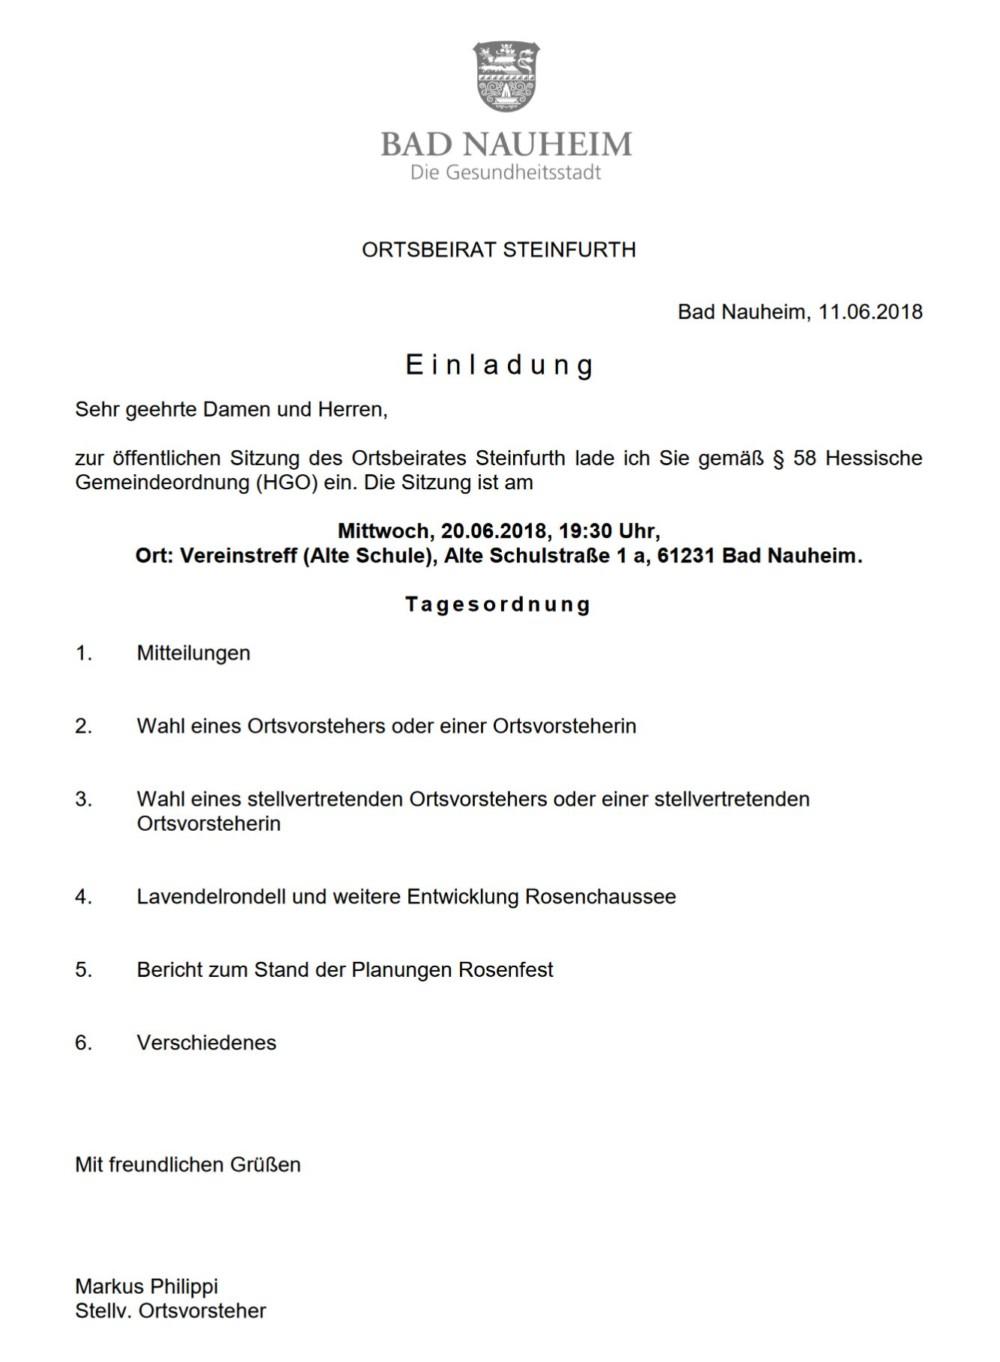 Ortsbeiratssitzung Steinfurth @ Vereinstreff